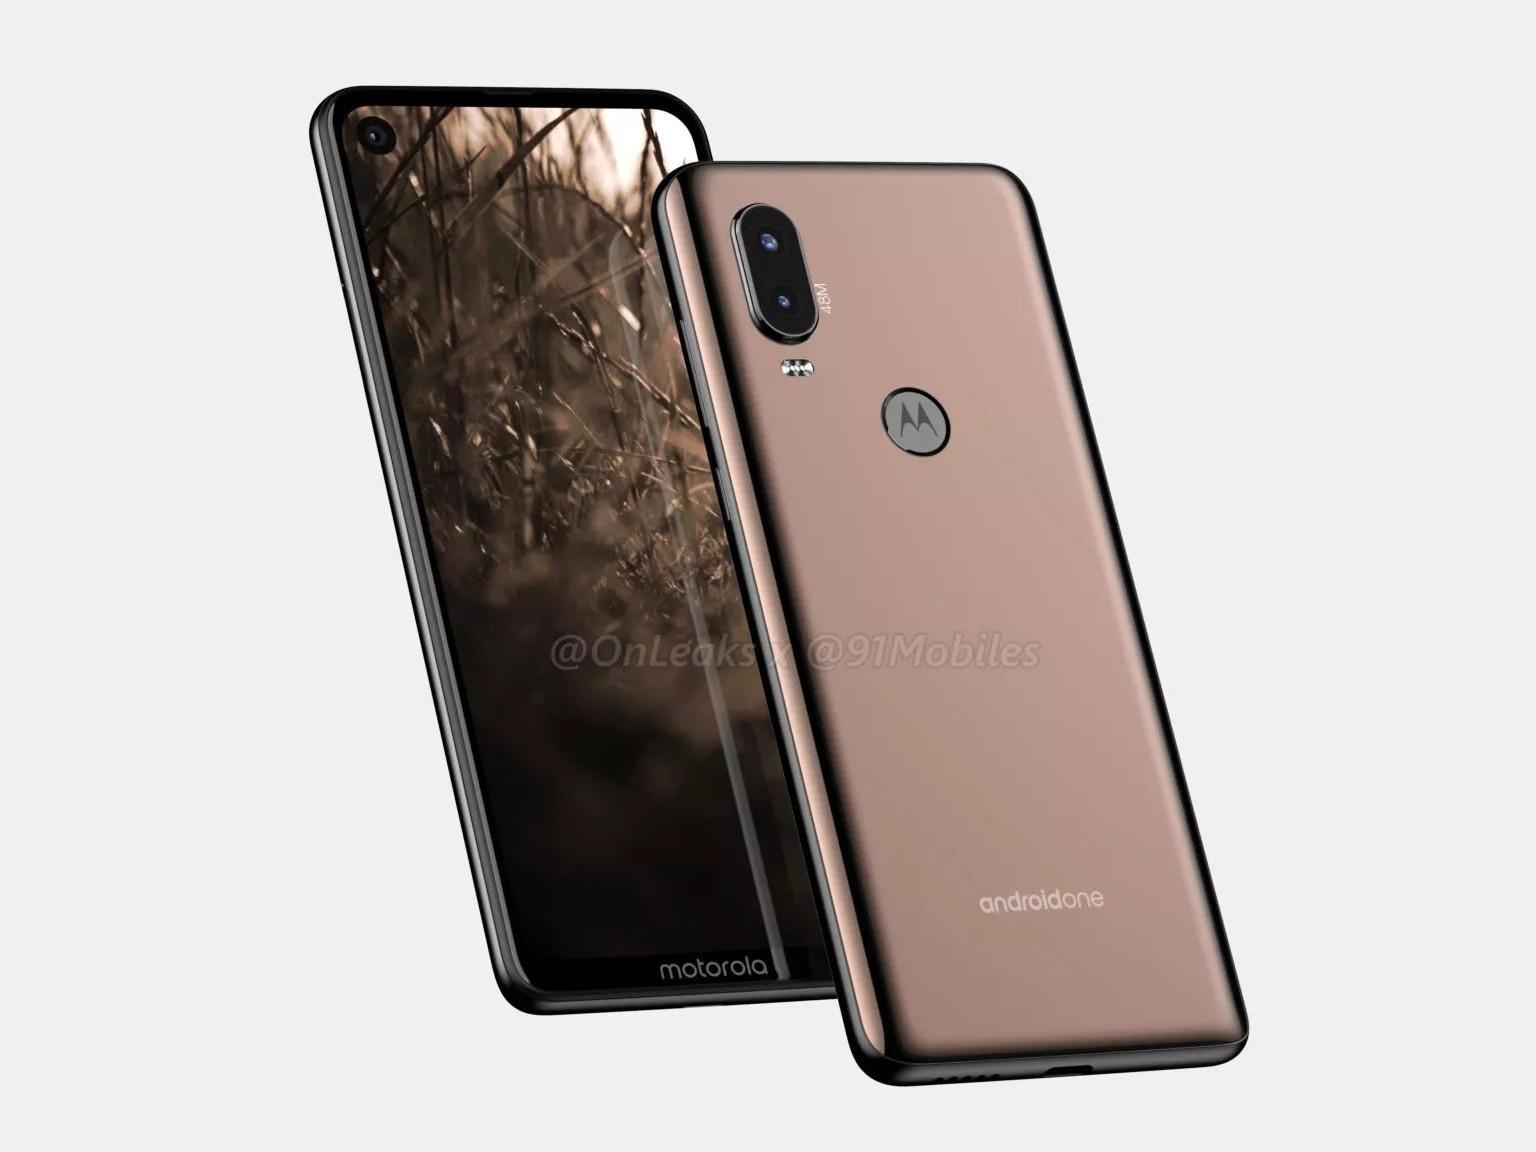 Motorola P40 với màn hình đục lỗ, iPhone sẽ không được lắp ráp ở Việt Nam - Ảnh 2.